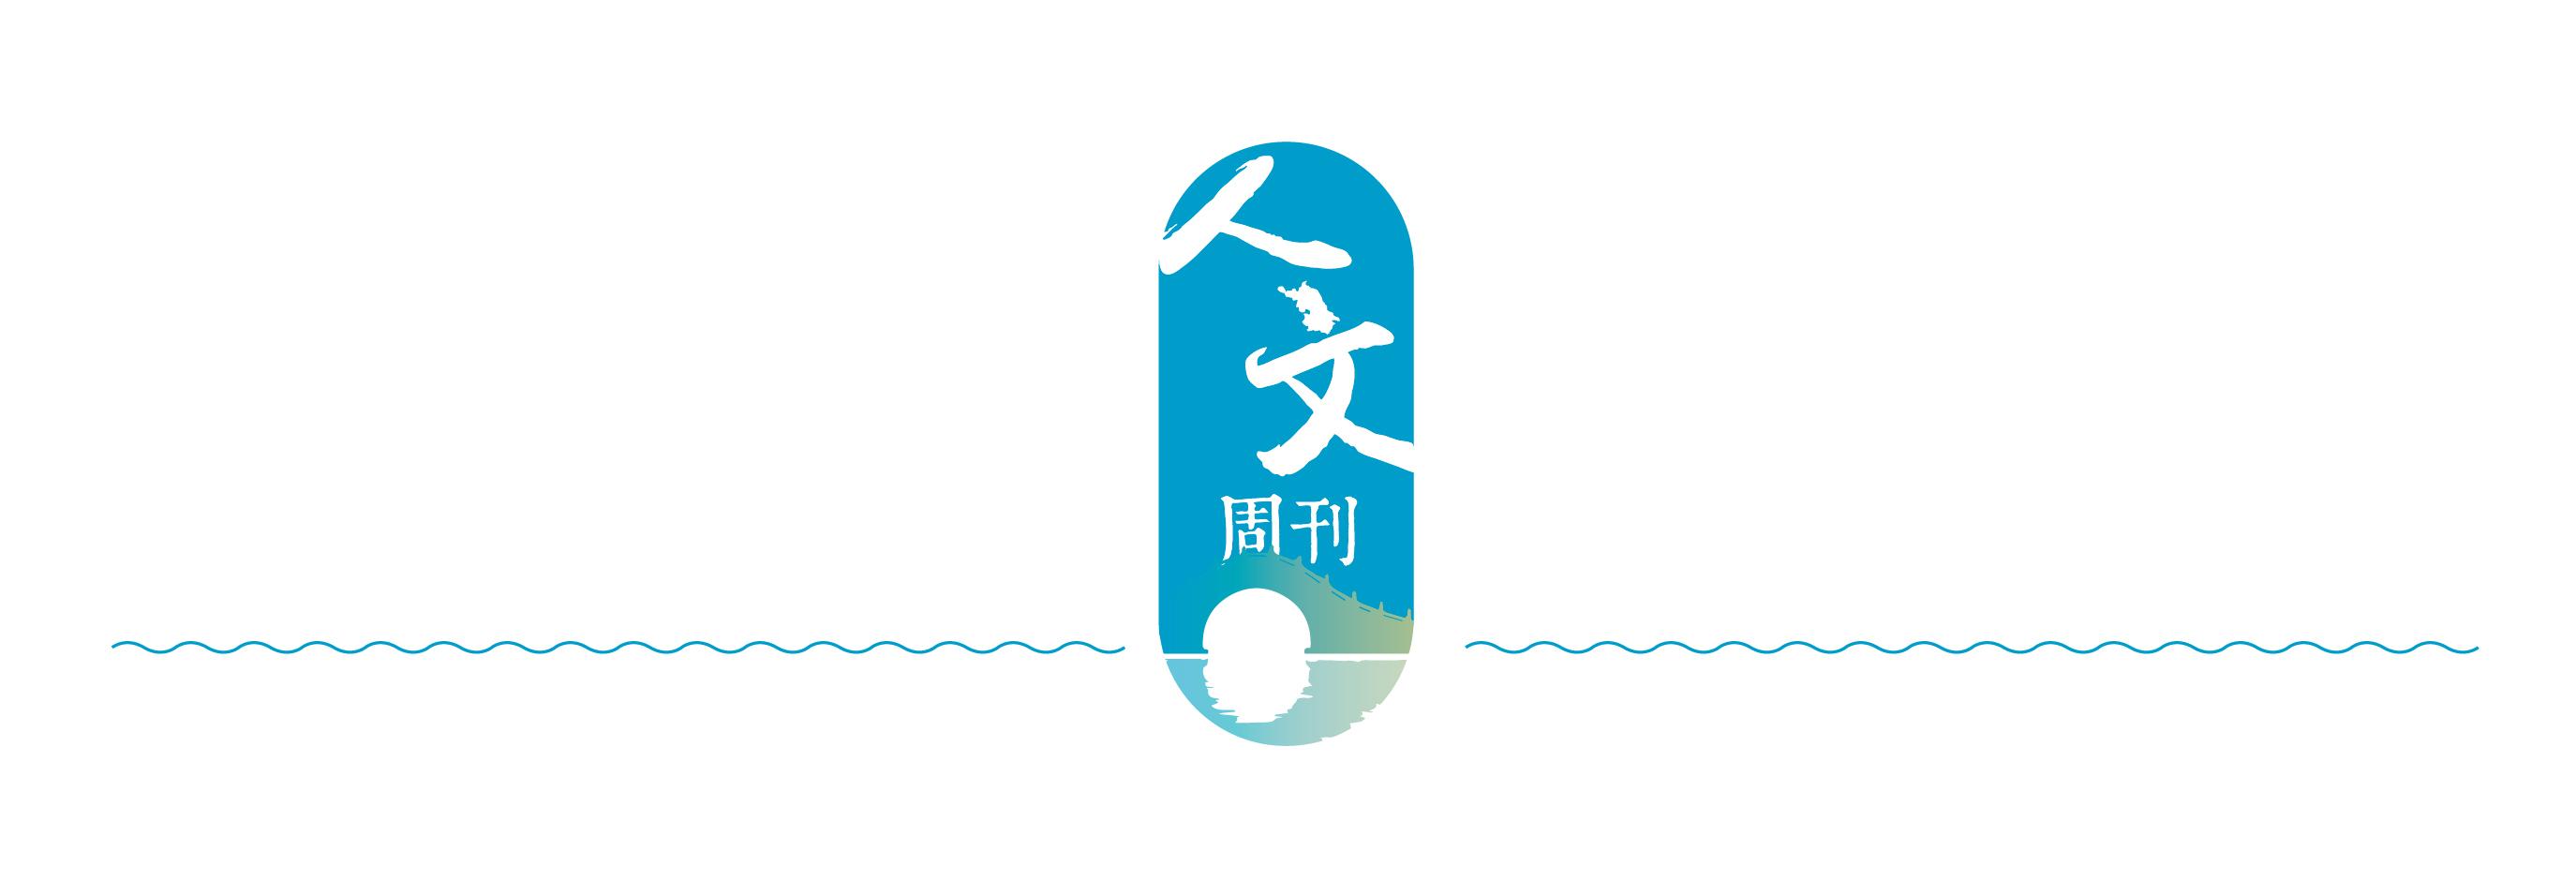 孩子在培训地图上奔跑、忆父亲傅抱石、江苏历史上治水名人、温柔的目的|人